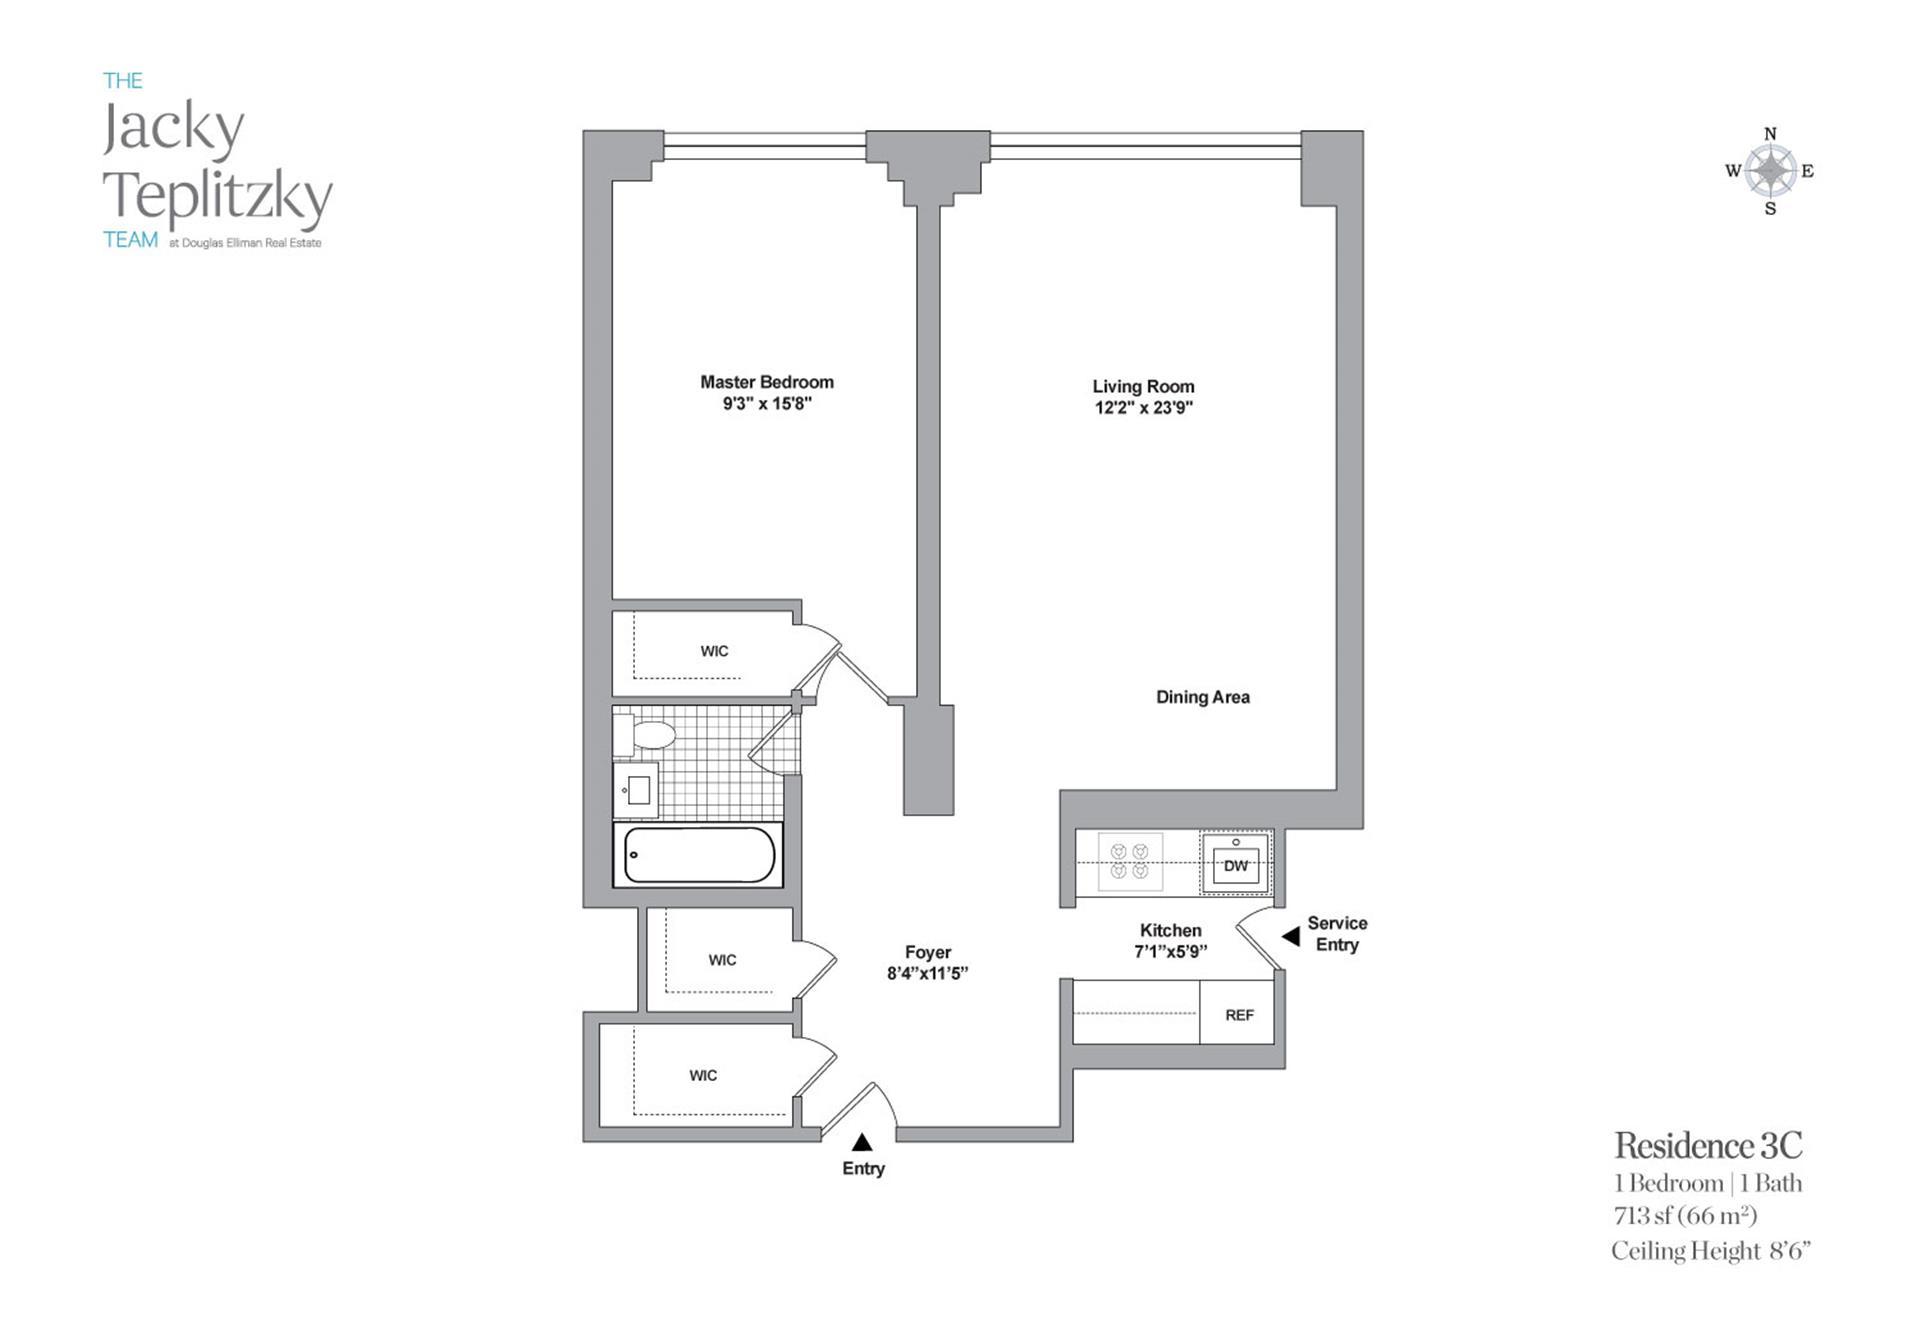 Floor plan of 715 Park Avenue, 3C - Upper East Side, New York